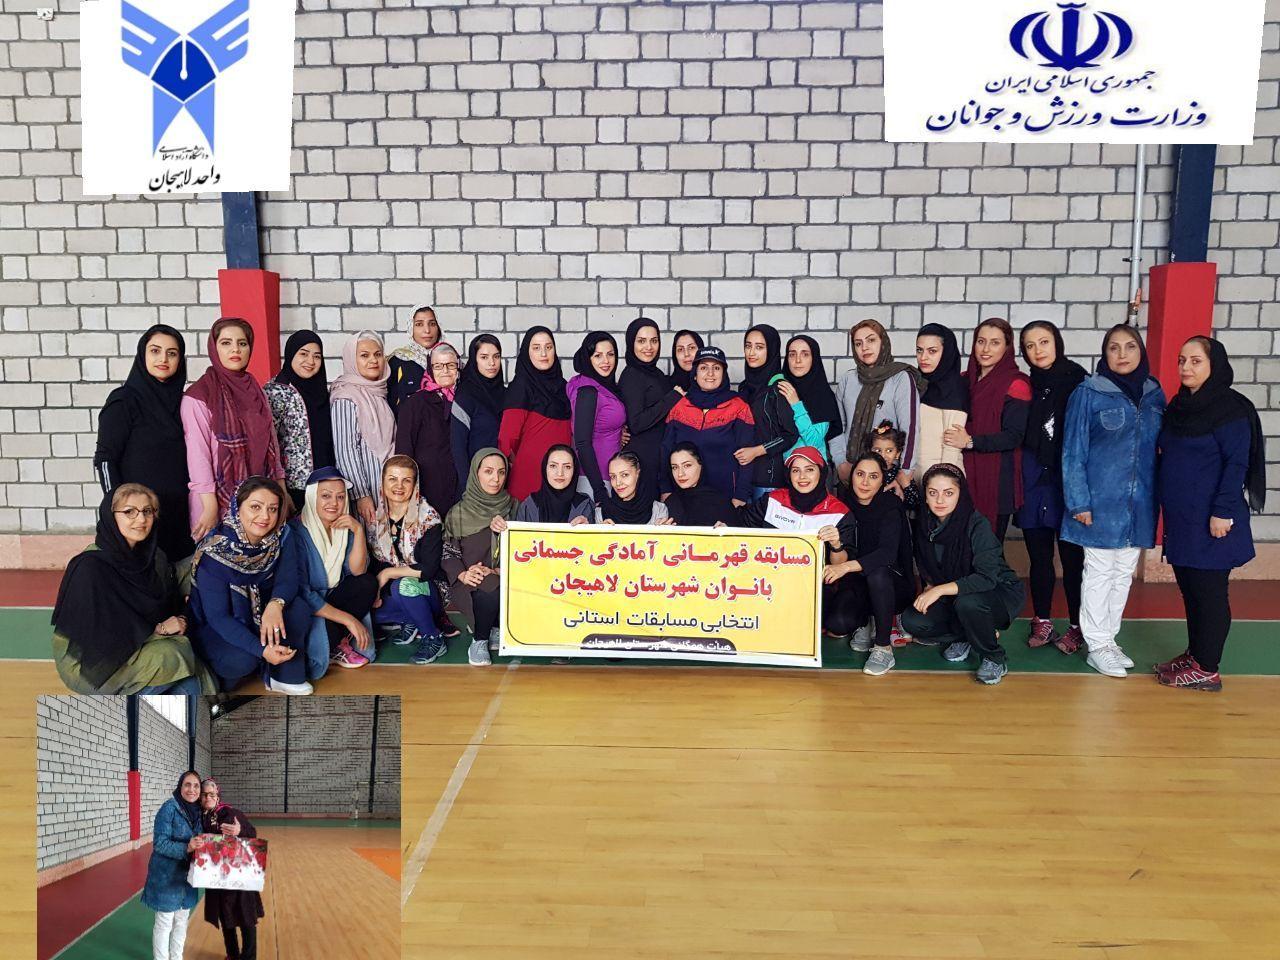 مدیر گروه تربیت بدنی دانشکده سما لاهیجان :ظرفیت برگزاری رقابت های متنوع ورزشی  بانوان در لاهیجان وجود دارد .